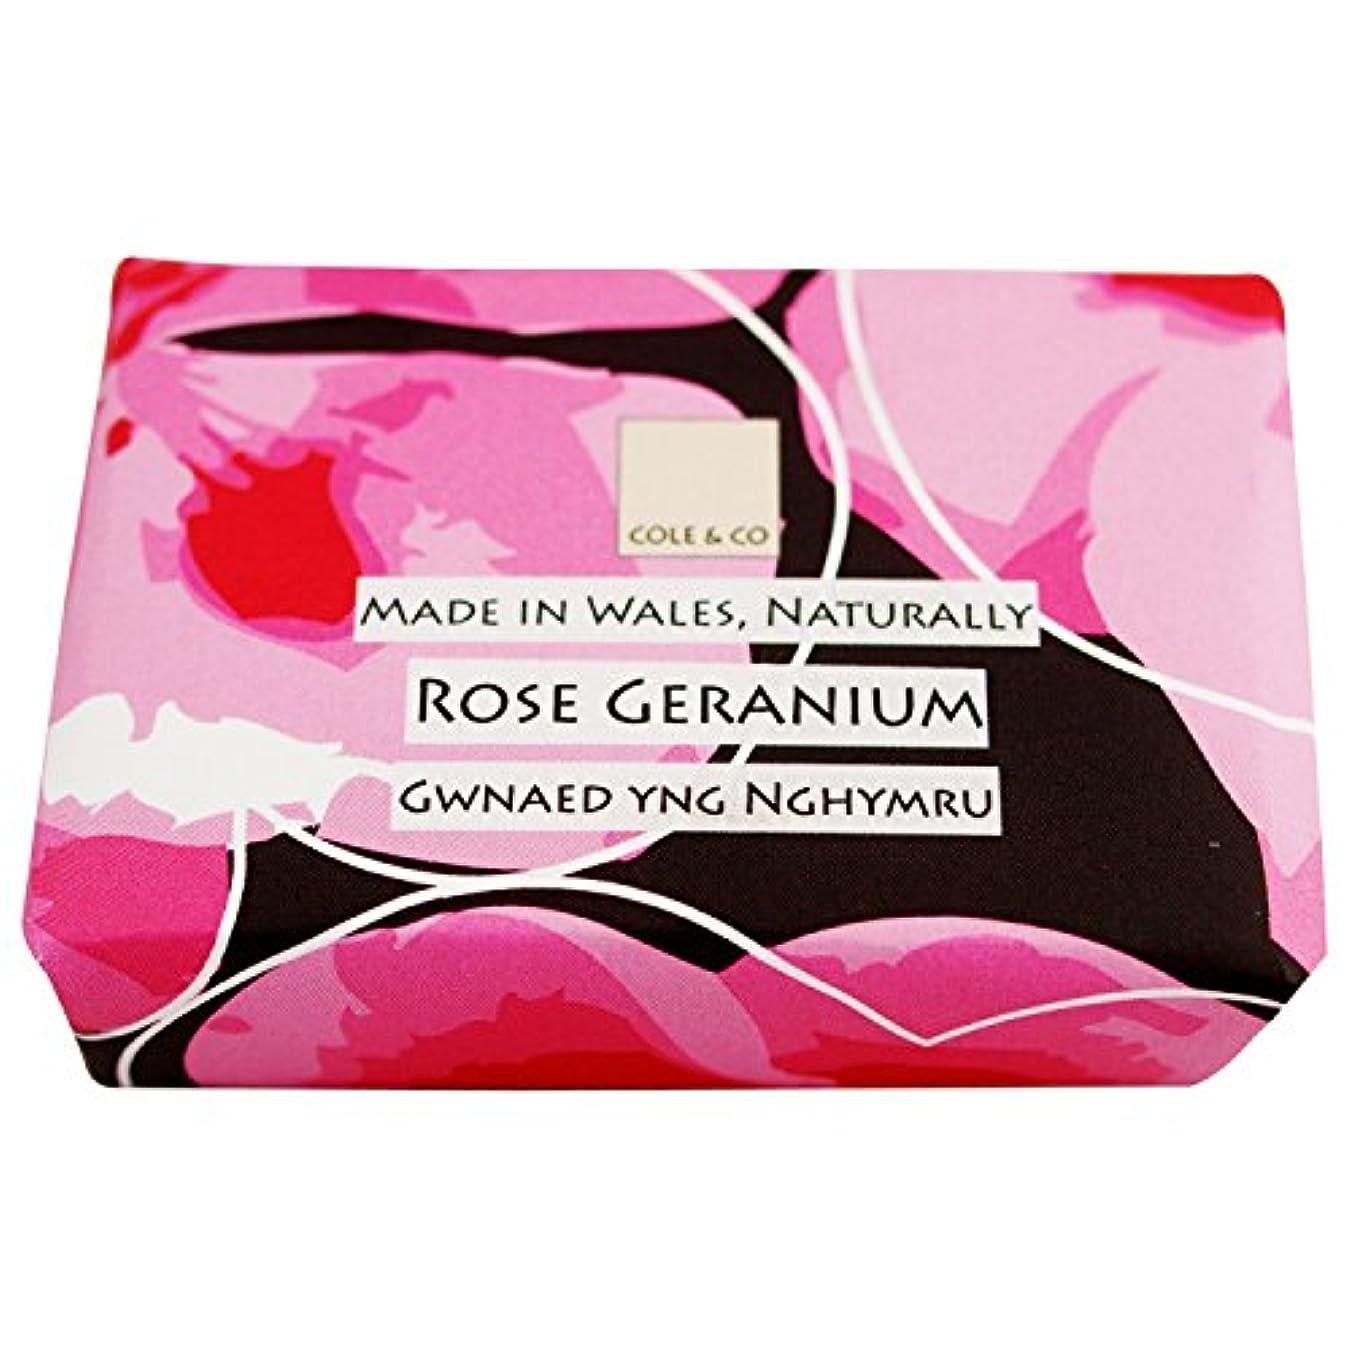 モス仕事に行く謎コール&Coはゼラニウム石鹸80グラムのバラ (Cole & Co) (x2) - Cole & Co Rose Geranium Soap 80g (Pack of 2) [並行輸入品]